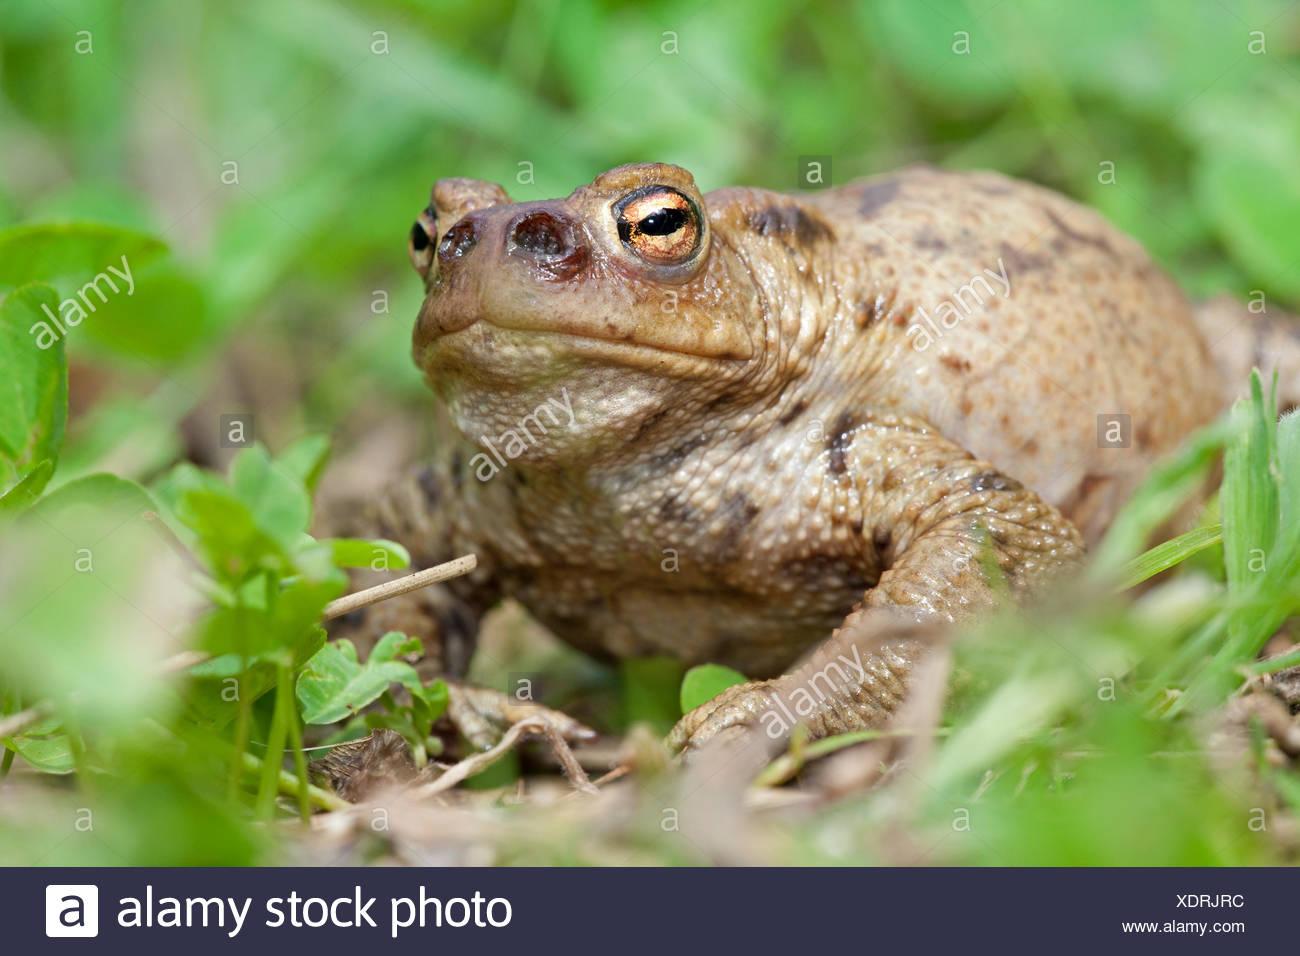 Foto van een gewone pad die geinfecteerd is met de larven van de groene paddenvlieg. Deze vlieg legt haar eitjes in de neusgaten van een pad, de larven (maden) eten dan langzaam de pad op, hier zie je dat de neusgaten al zijn uitgegeten, de pad zal aan een langzame (waarschijnlijk pijnlijke) dood sterven; Photo of a common toad that has been infected by the Lucilia bufonivora fly. This fly places her eggs in the nostril of the toad, the larvae then slowly eat the toad from the inside which finally results in death; Stock Photo